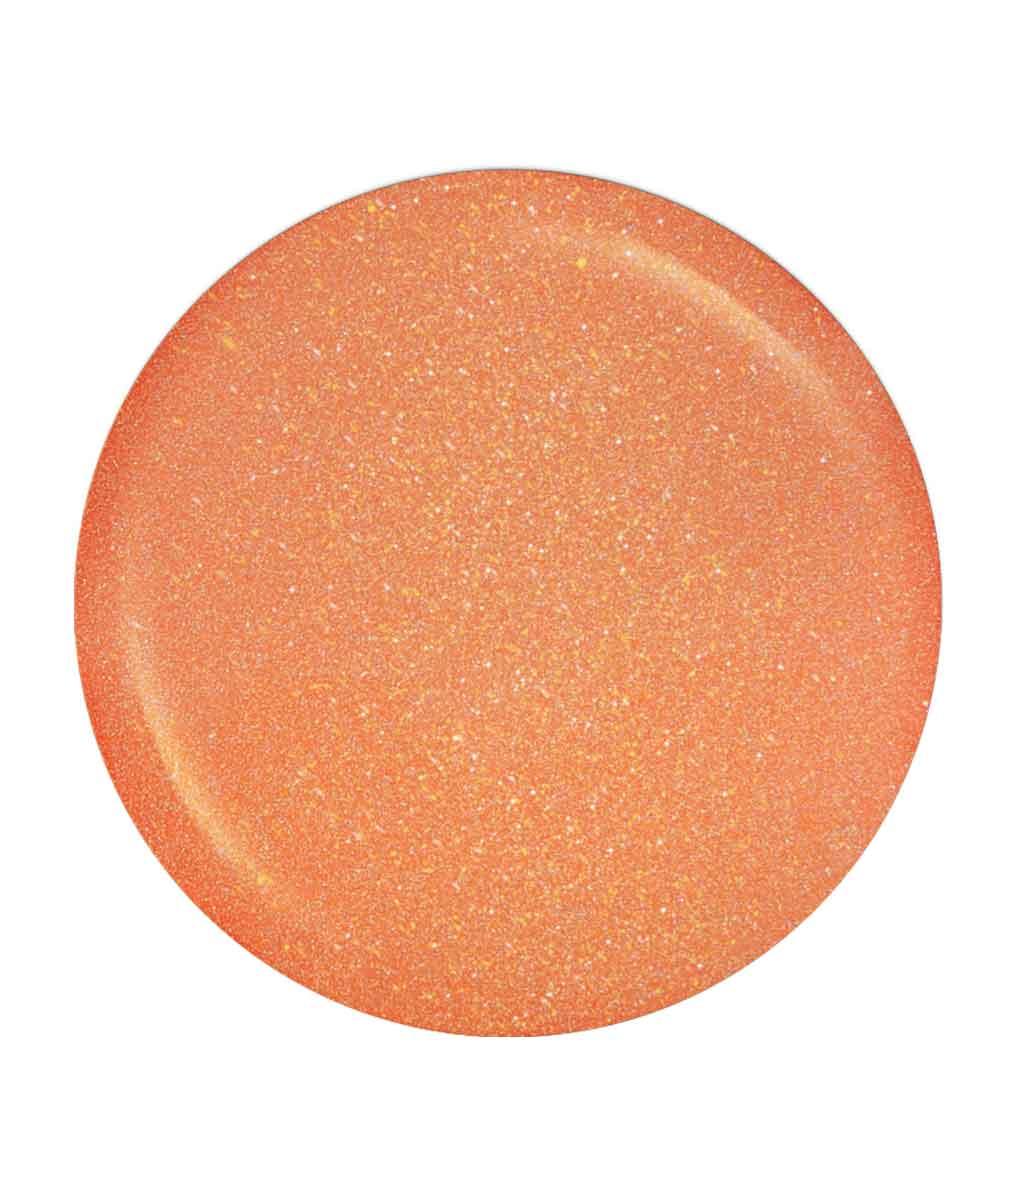 Sunstone-Orange med glitter